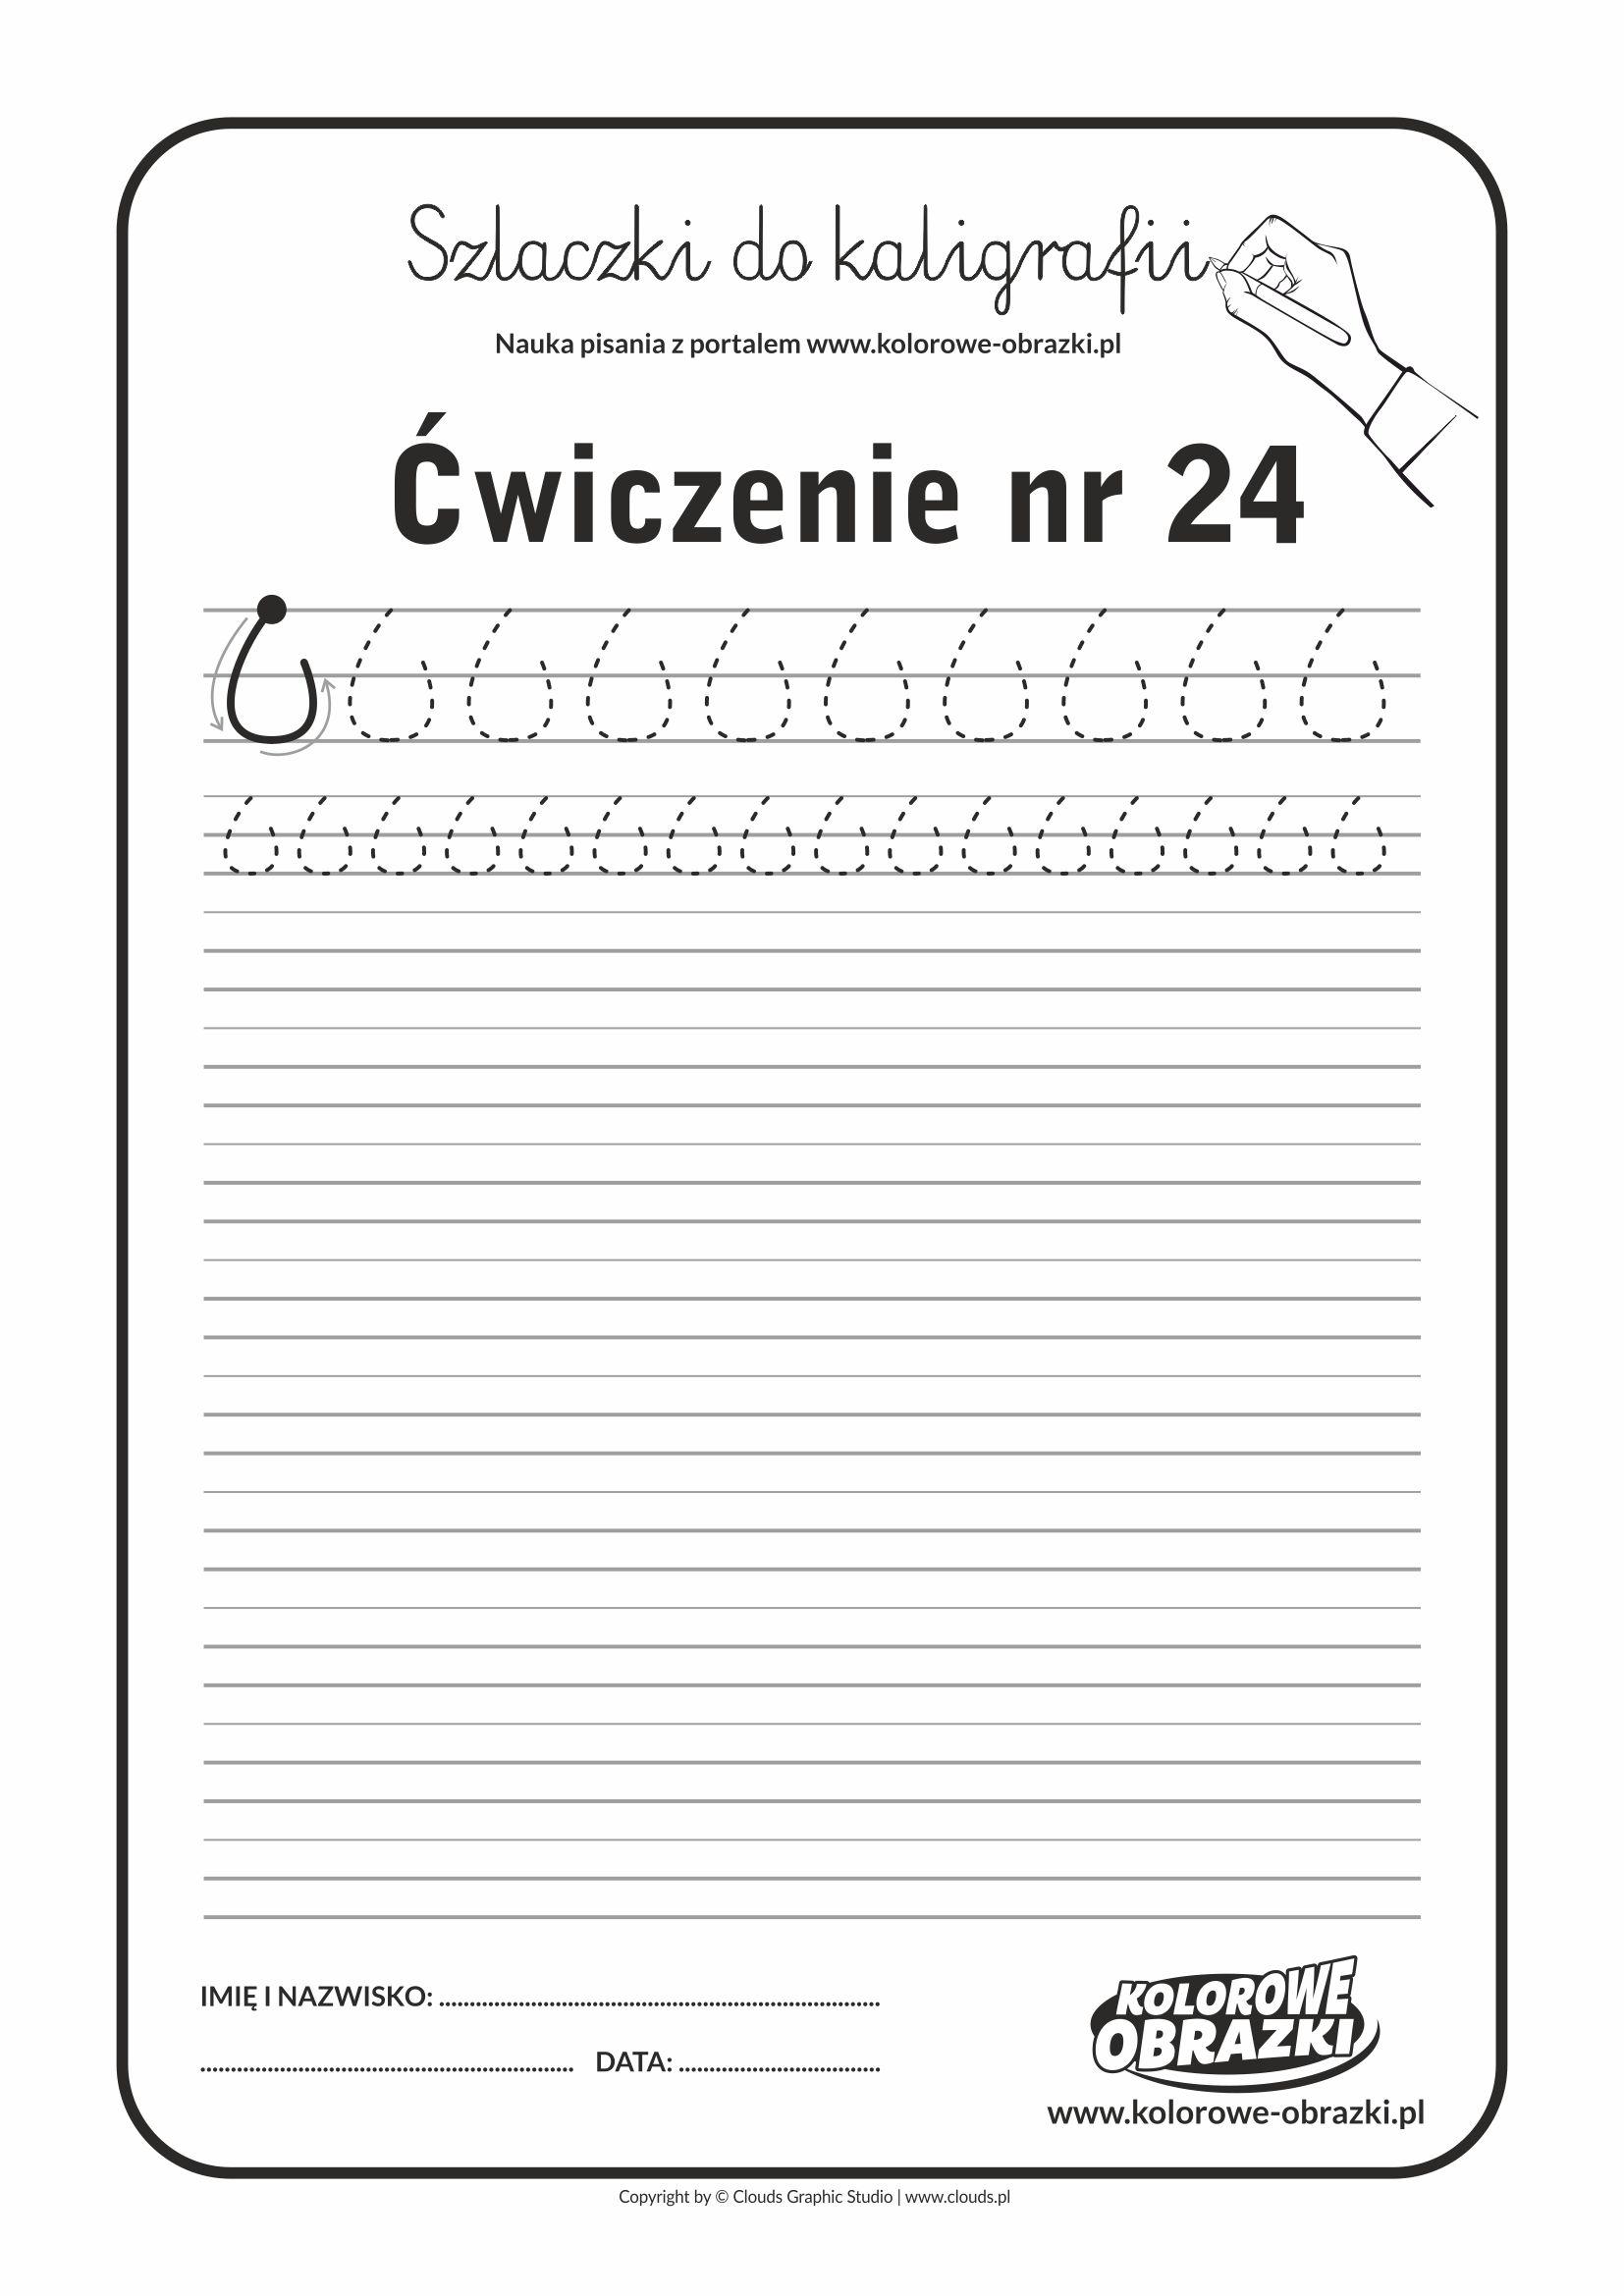 Kaligrafia dla dzieci - Ćwiczenia kaligraficzne / Szlaczki / Ćwiczenie nr 24